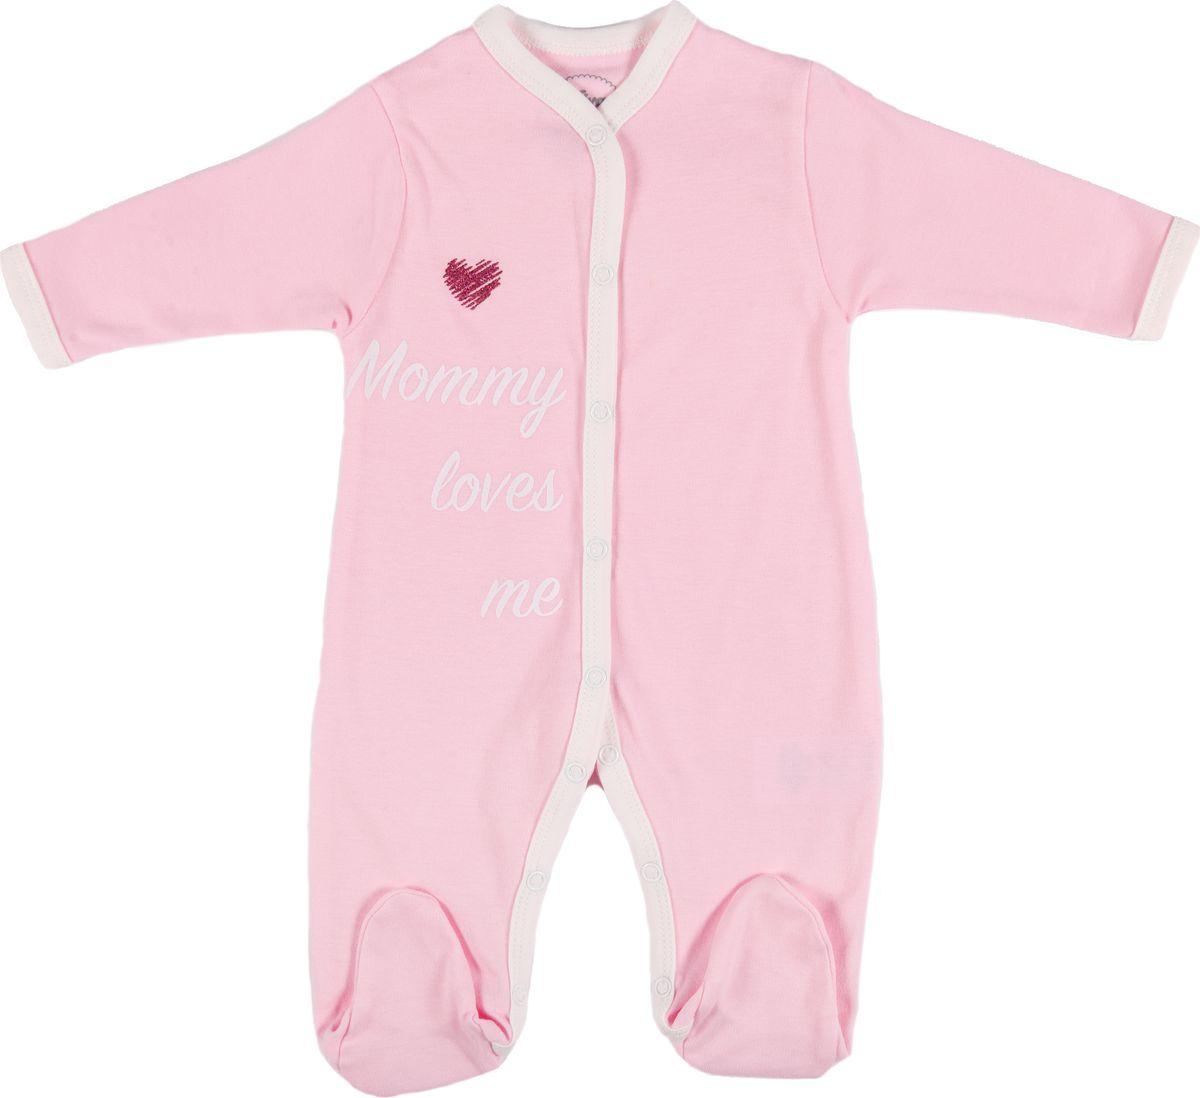 Комбинезон домашний Viva Baby комбинезон домашний для новорожденных viva baby цвет голубой м4103 2 размер 80